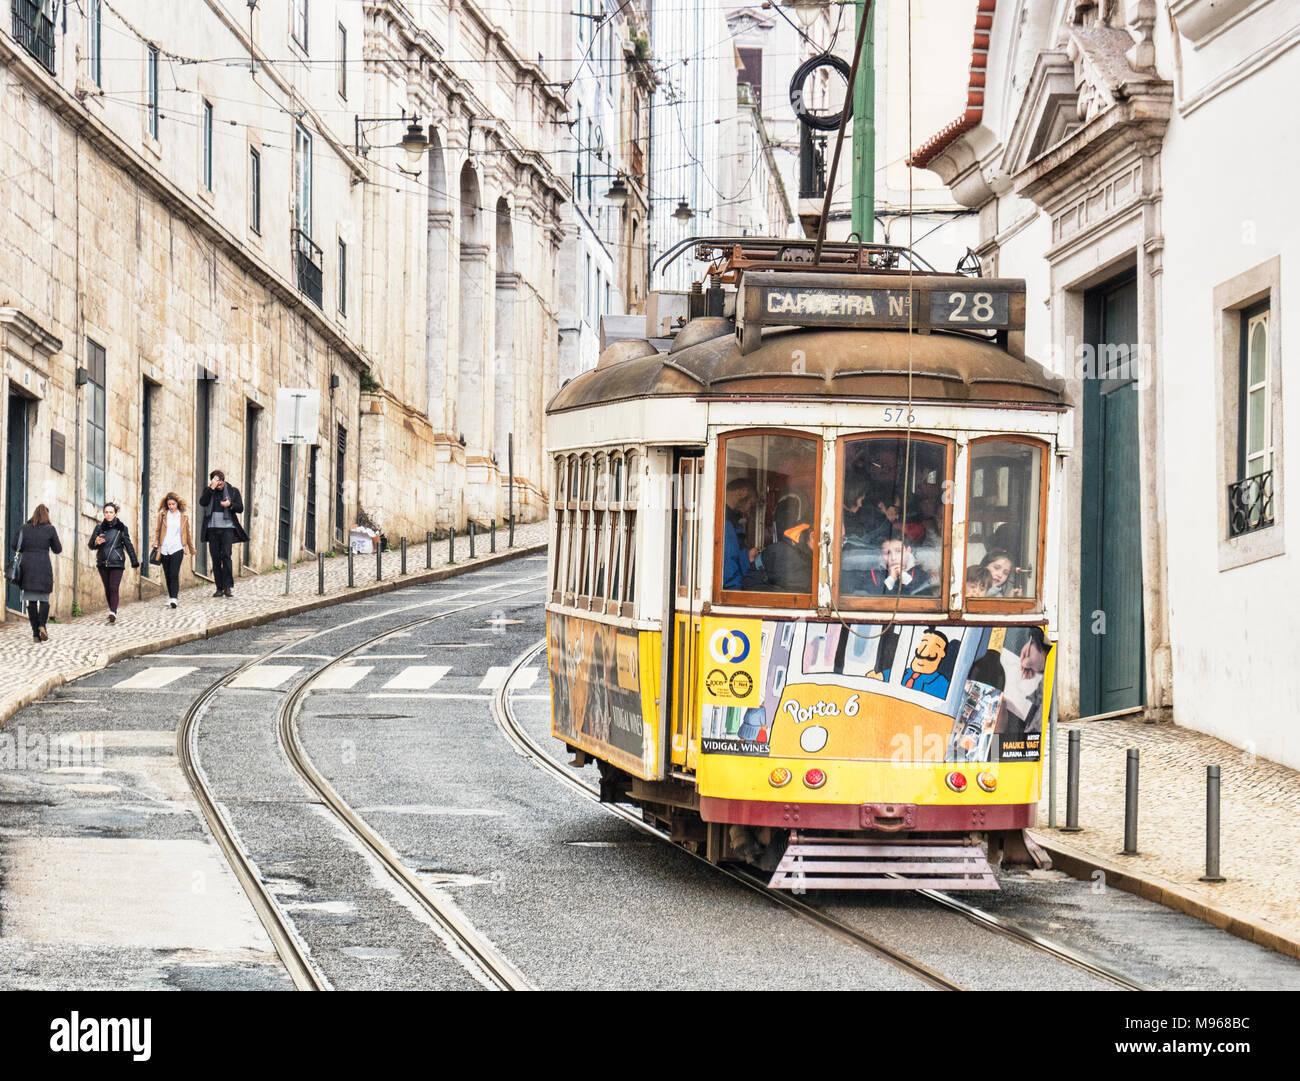 6 mars 2018: célèbre attraction touristique, le tram 28, sur sa route dans la vieille ville. Photo Stock